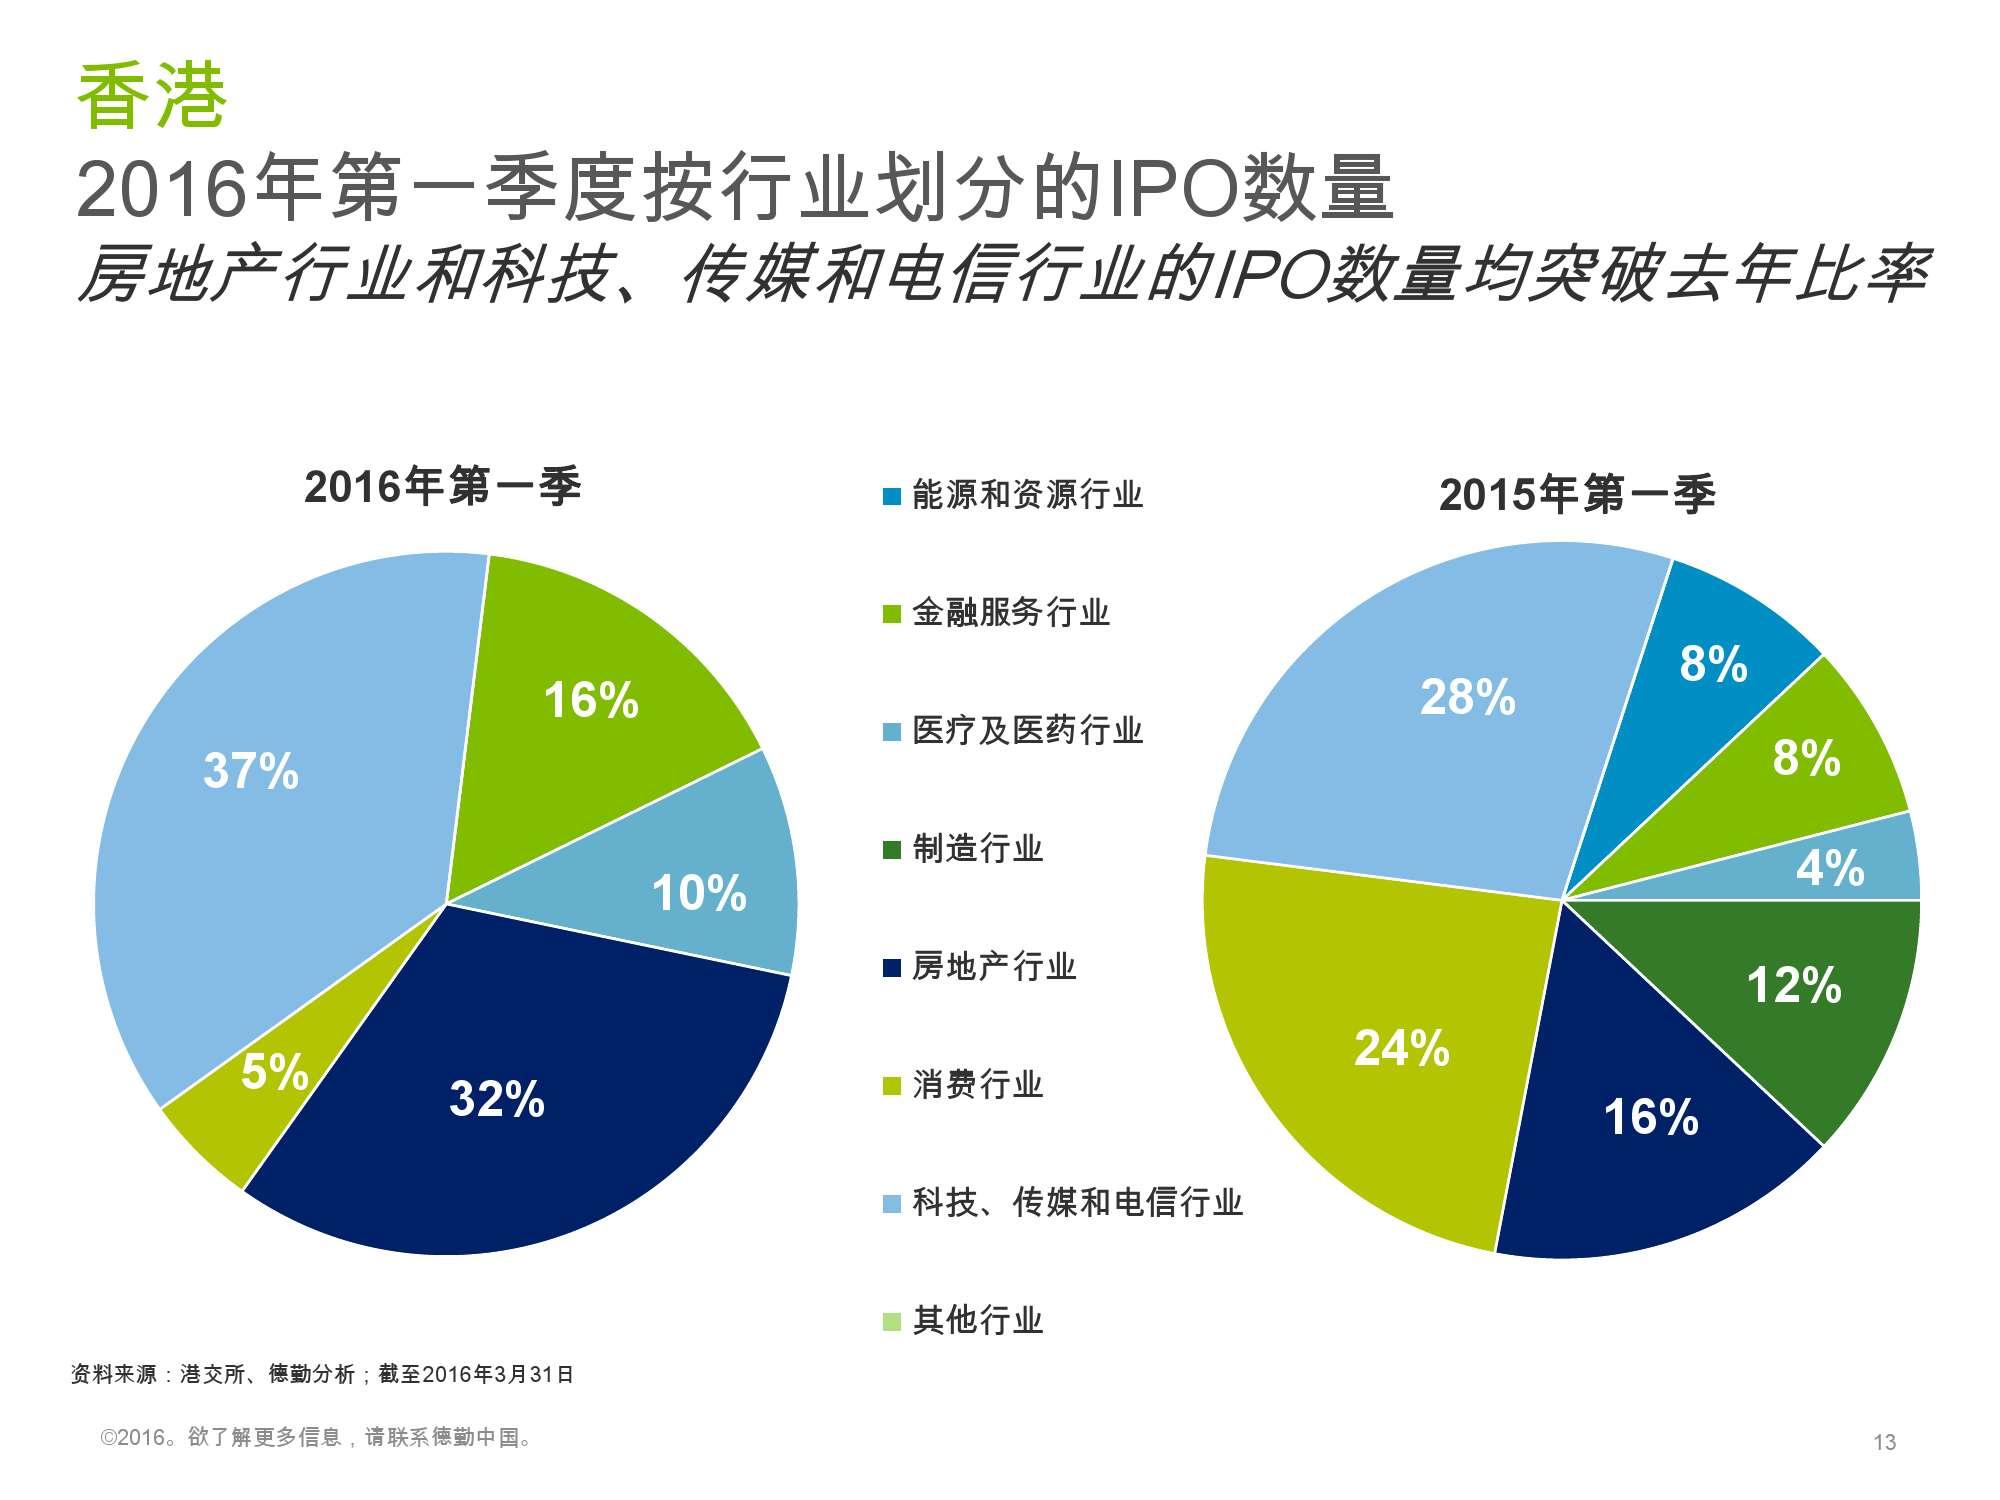 香港及中国大陆IPO市场2016年1季度_000013